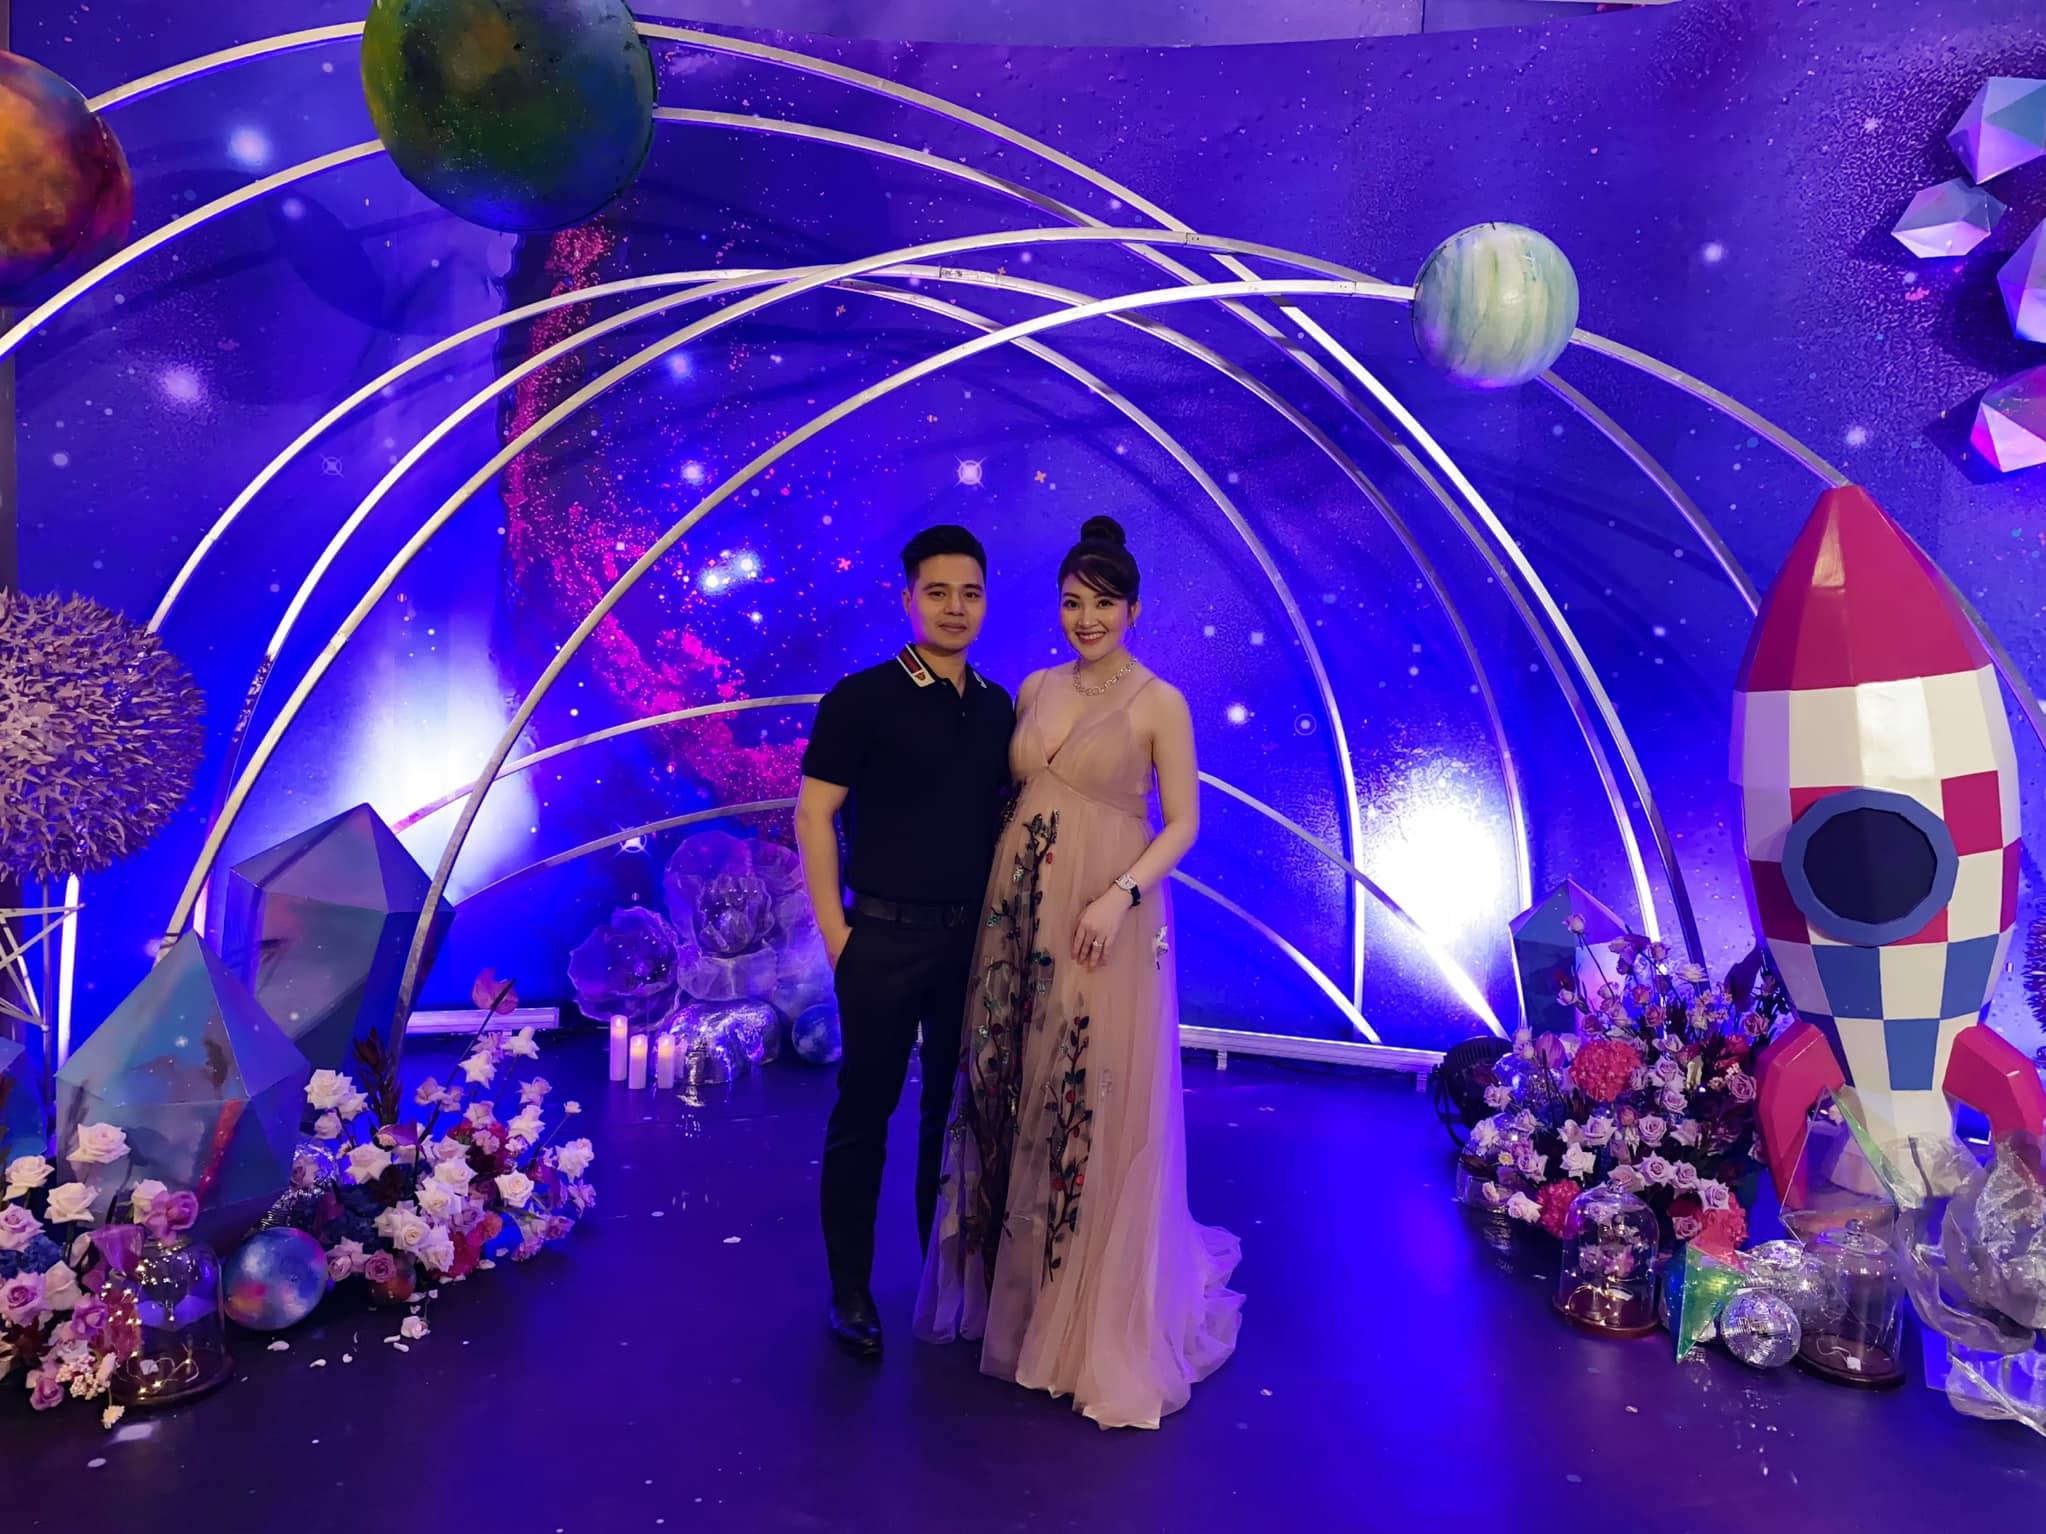 Cô dâu 200 cây vàng ở Nam Định thon gọn ngoạn mục so với lúc bầu, khoe nhan sắc lộng lẫy trong bữa tiệc của con gái đầu lòng 8